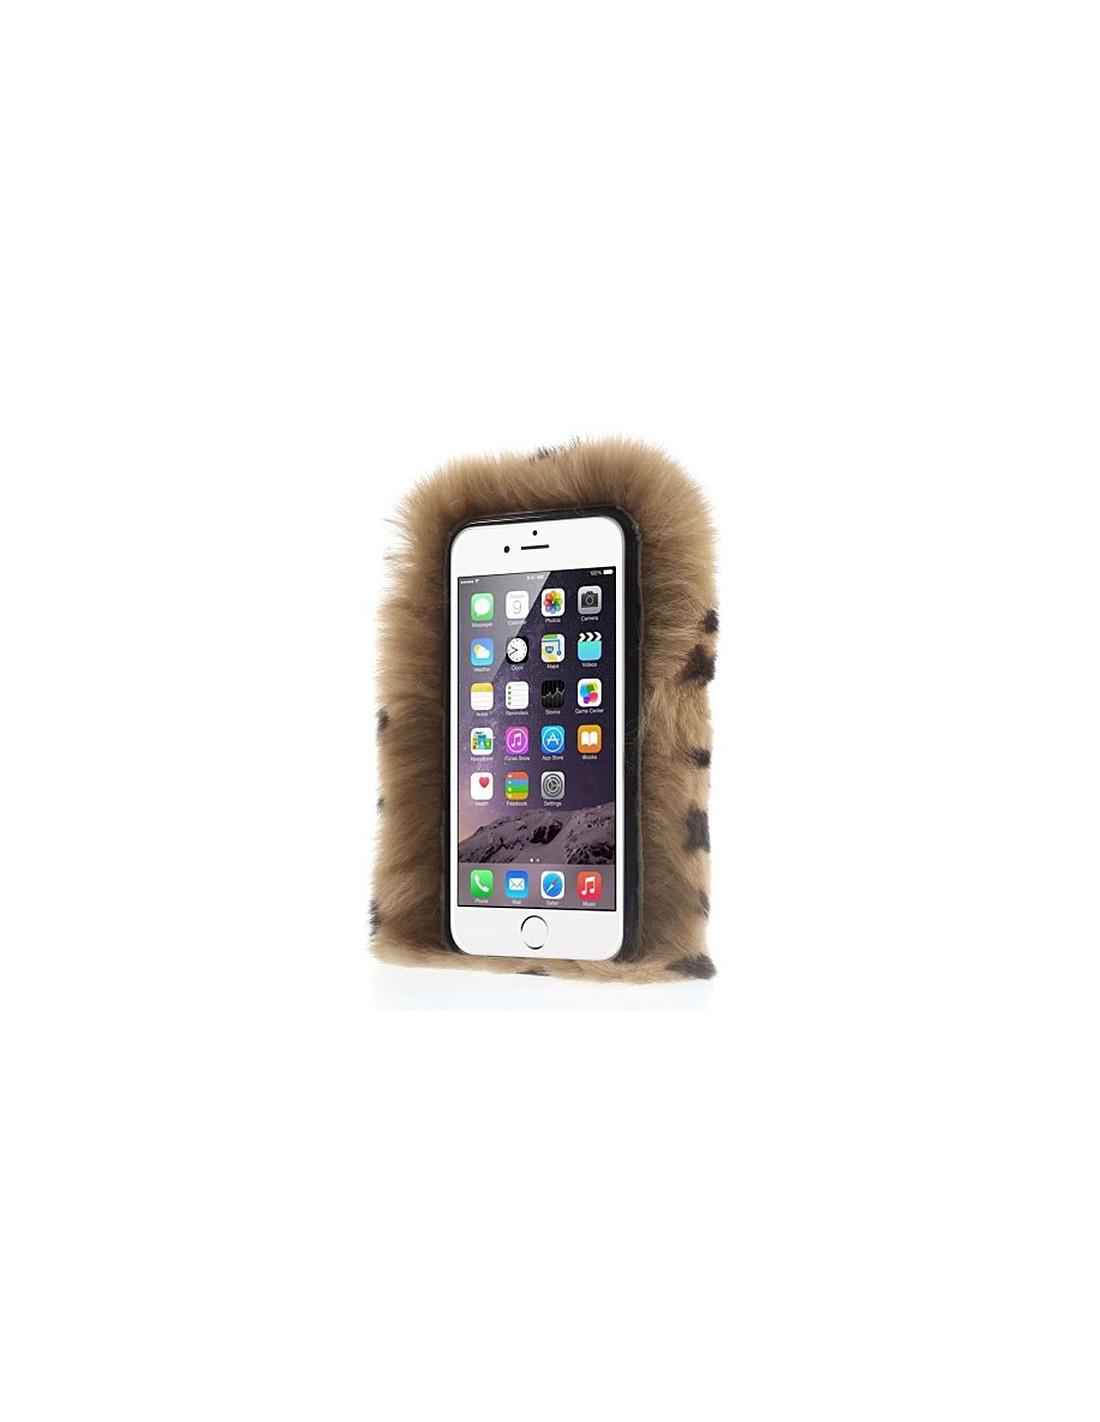 Coque Iphone S Fourrure